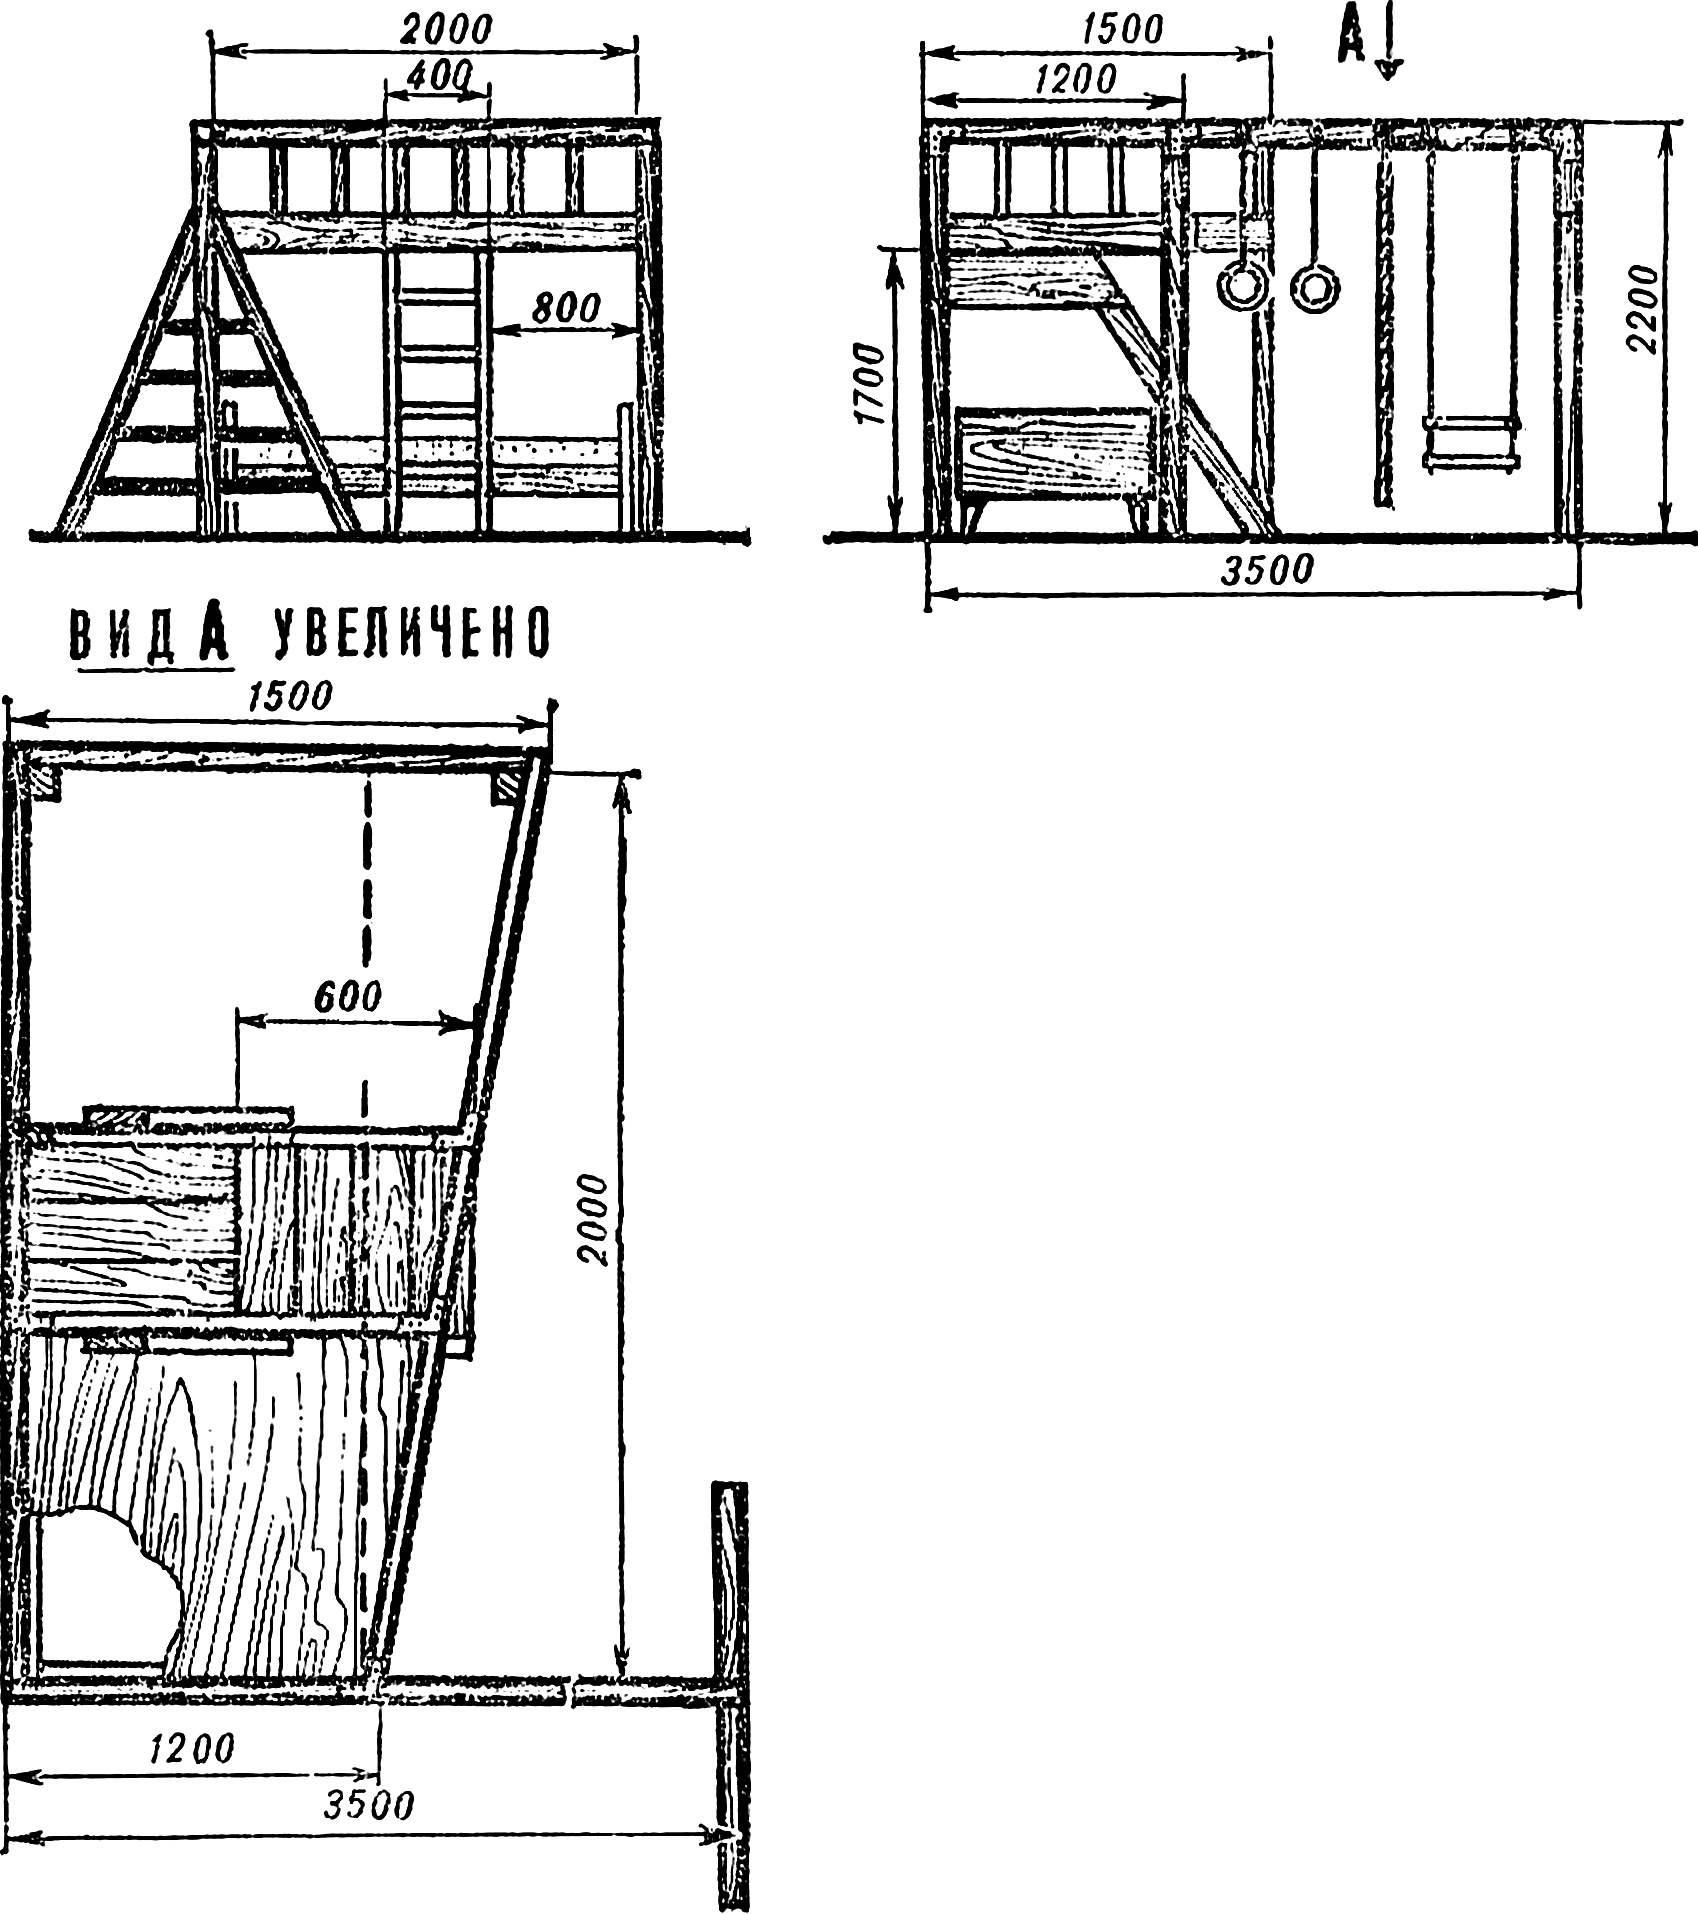 Рис. 2. Ориентировочные размеры комплекса.